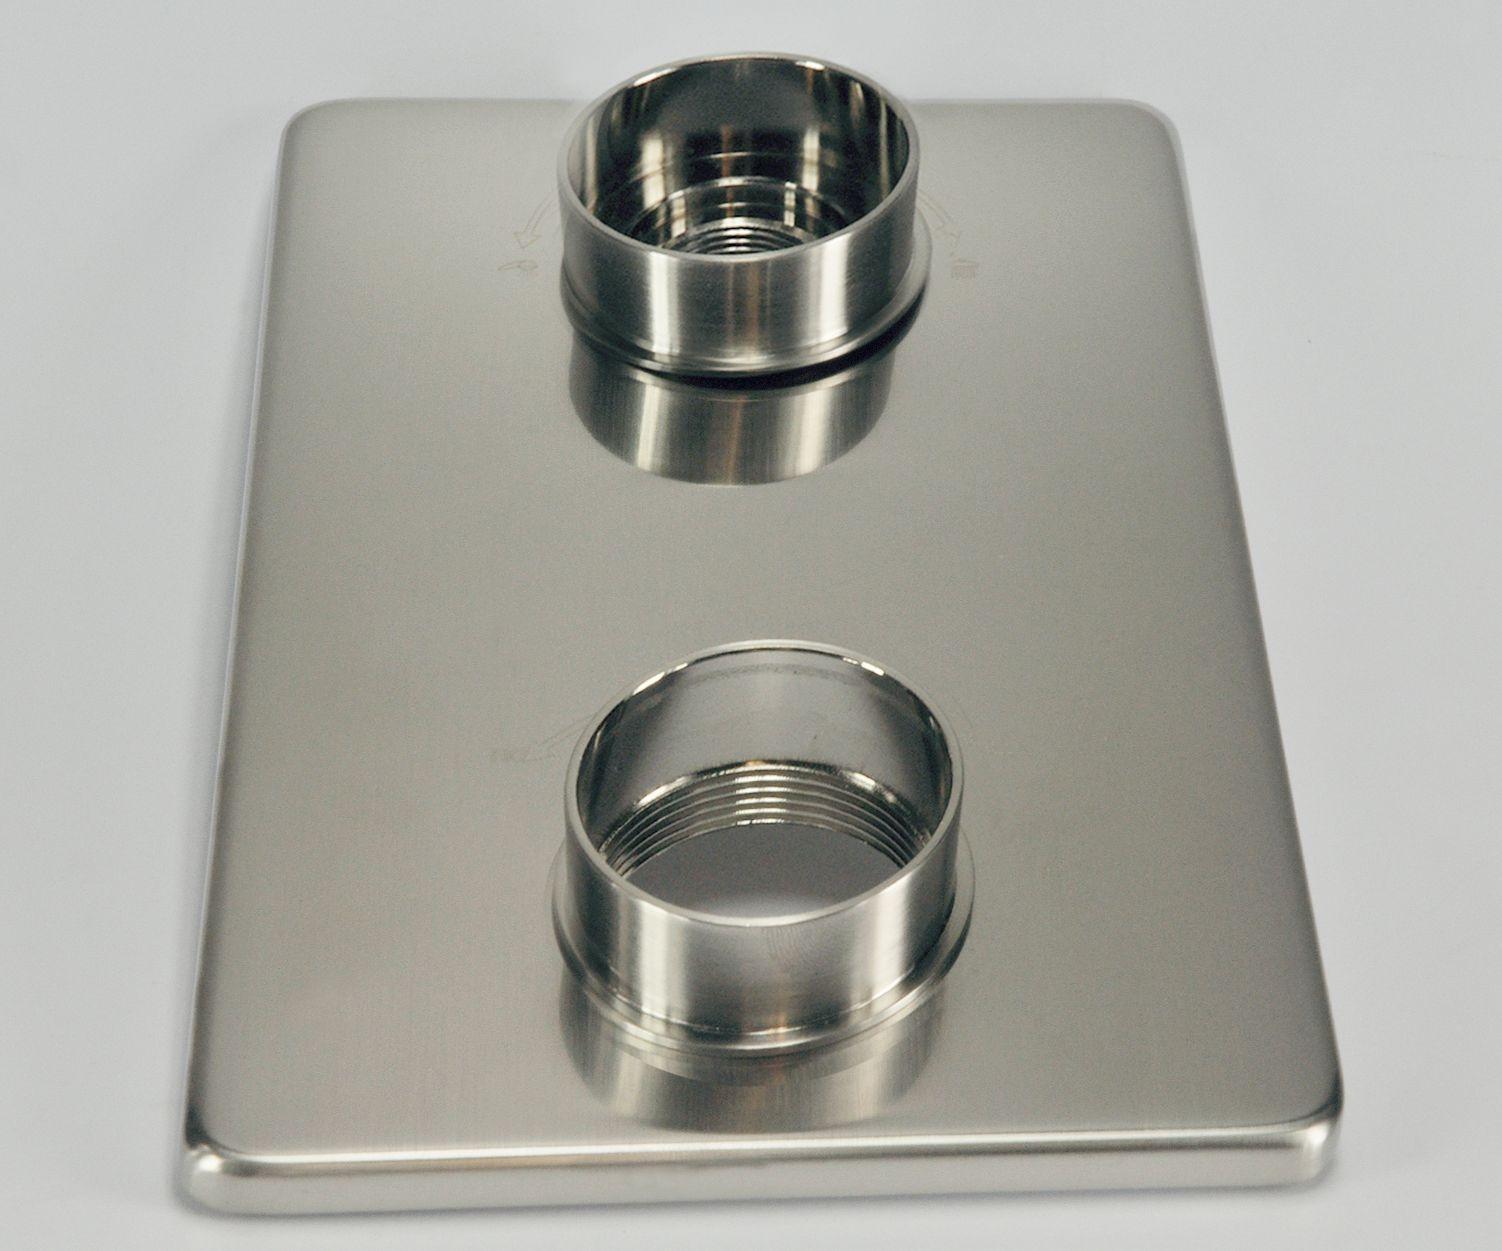 Wiesbaden 8mm verlengset voor 2 knops douchethermostaat geborsteld staal